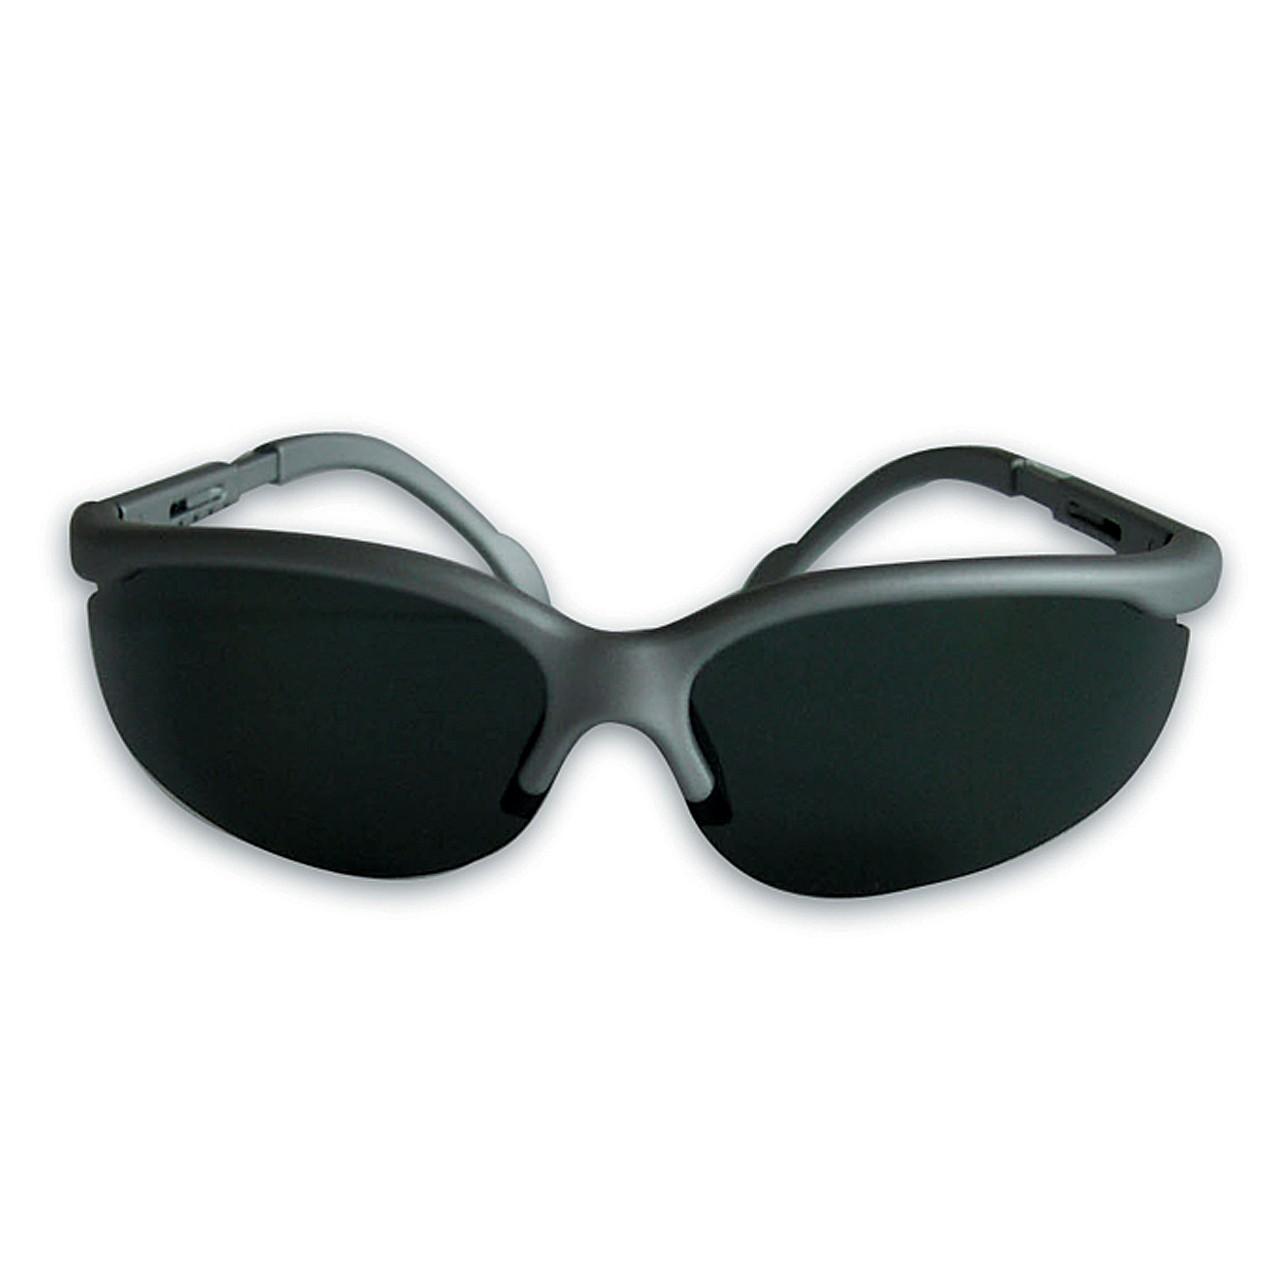 navyline sonnenbrille mit polarisierenden gl sern. Black Bedroom Furniture Sets. Home Design Ideas